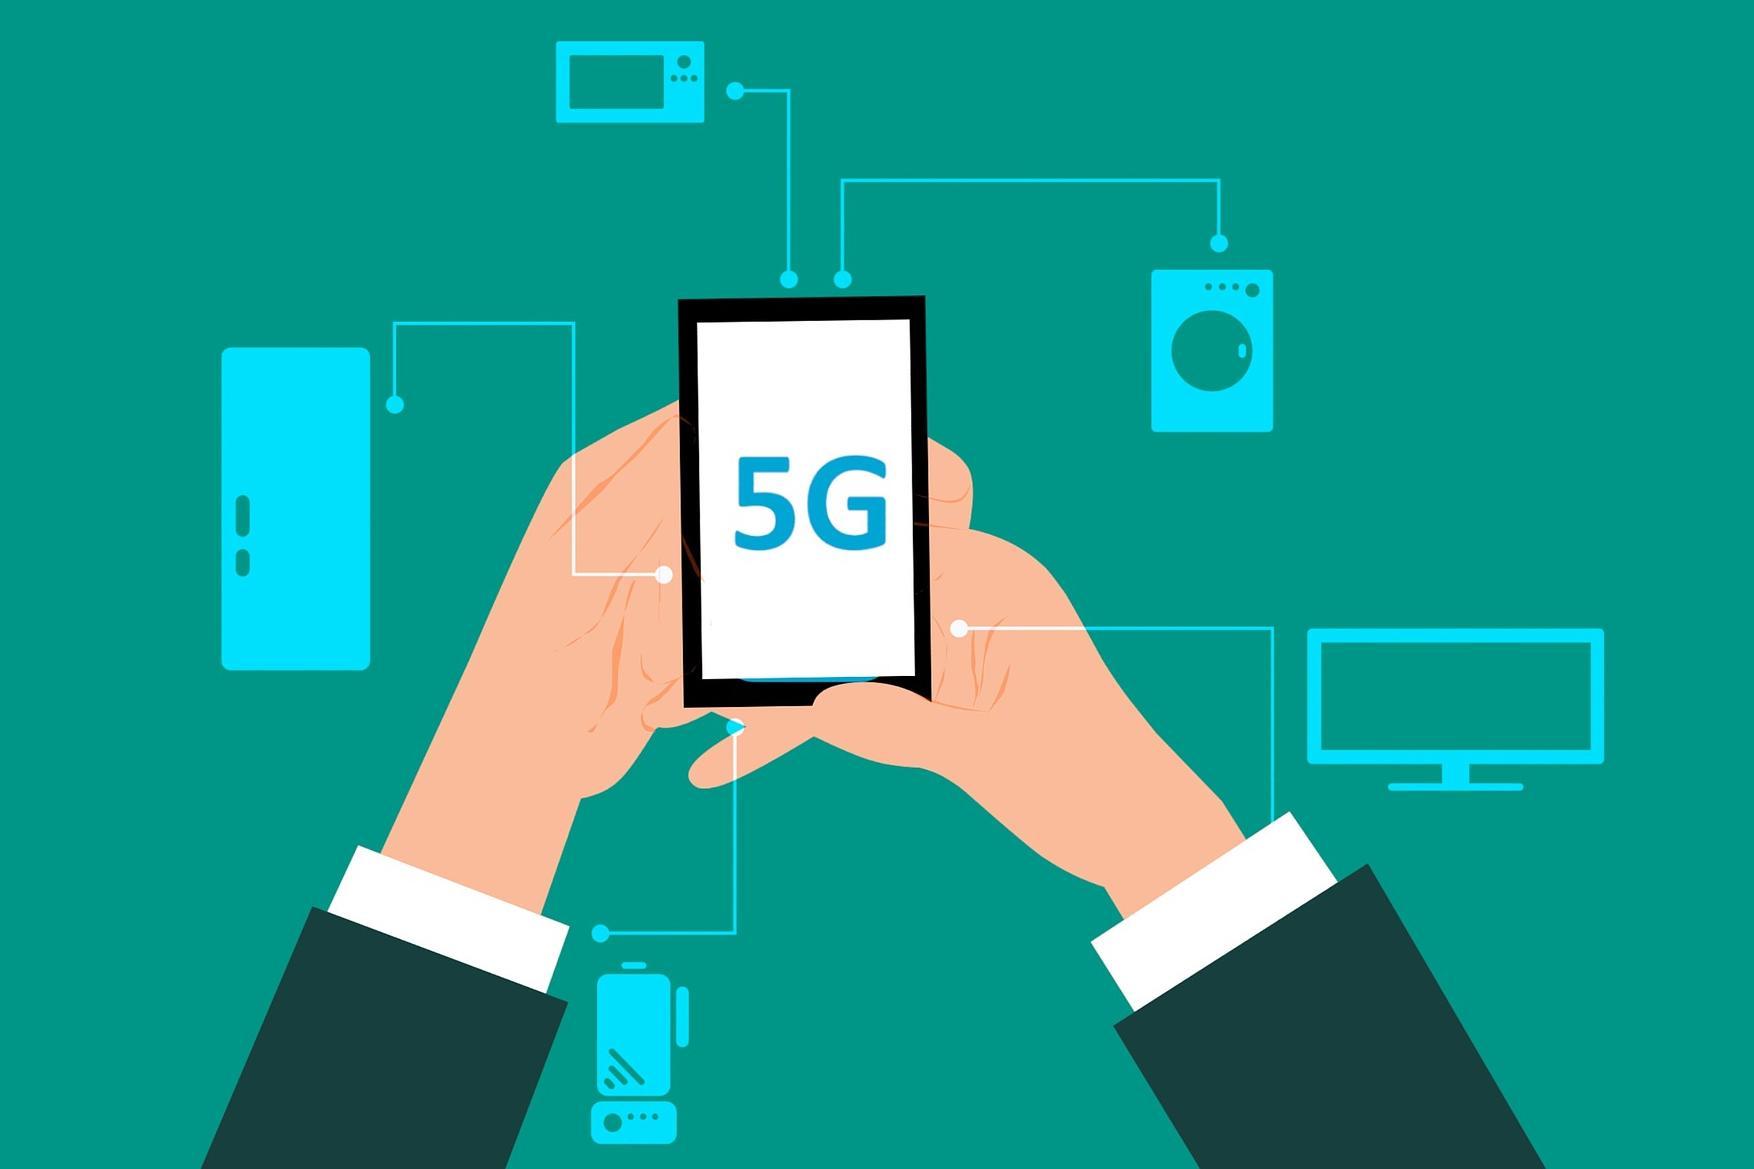 Pourquoi les enchères pour l'attribution des fréquences 5G sont repoussées